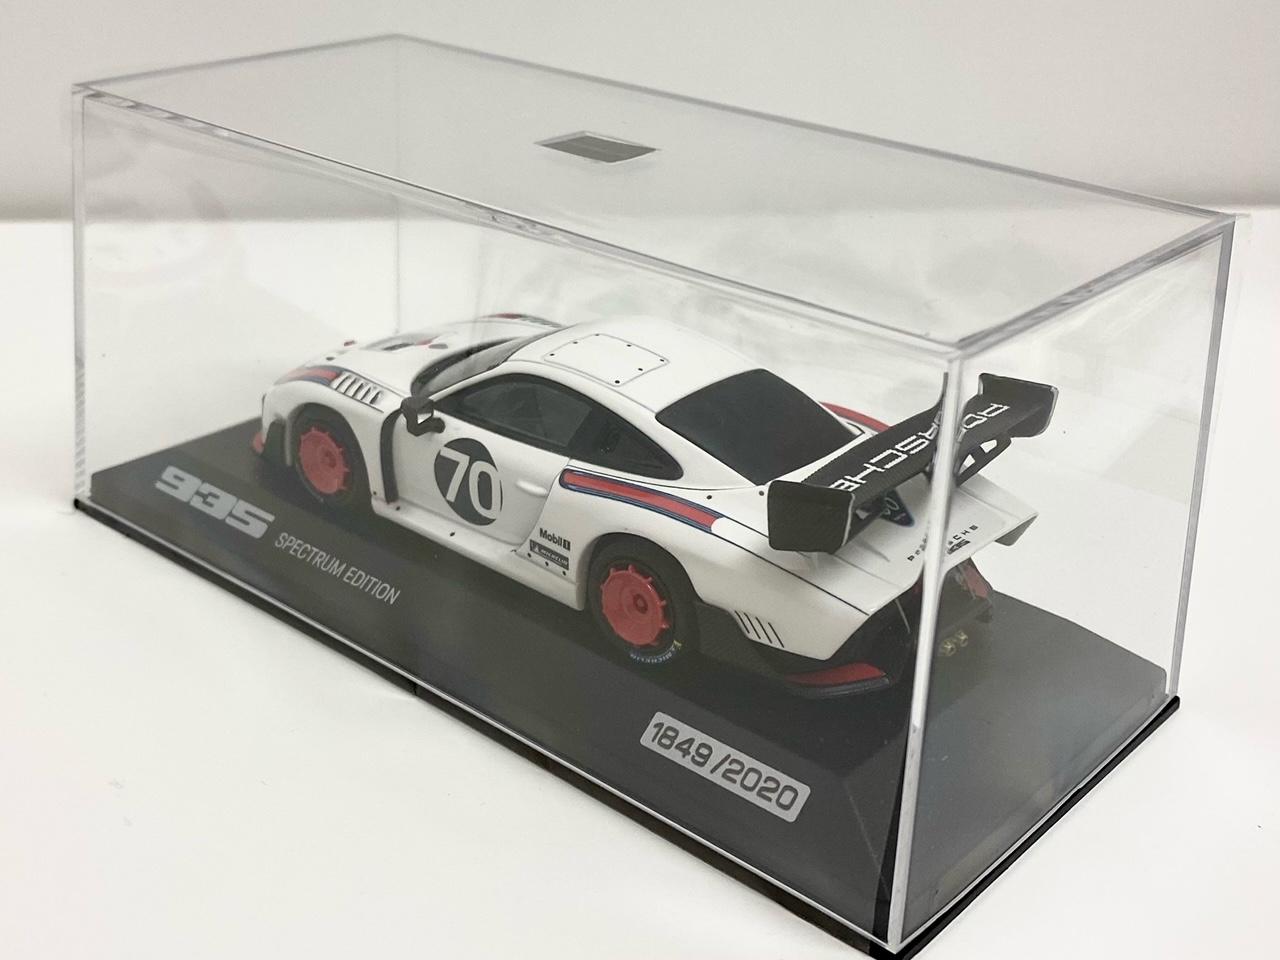 ポルシェ特注品 Porsche 935 Martini base 991 GT2 RS 2018 #70